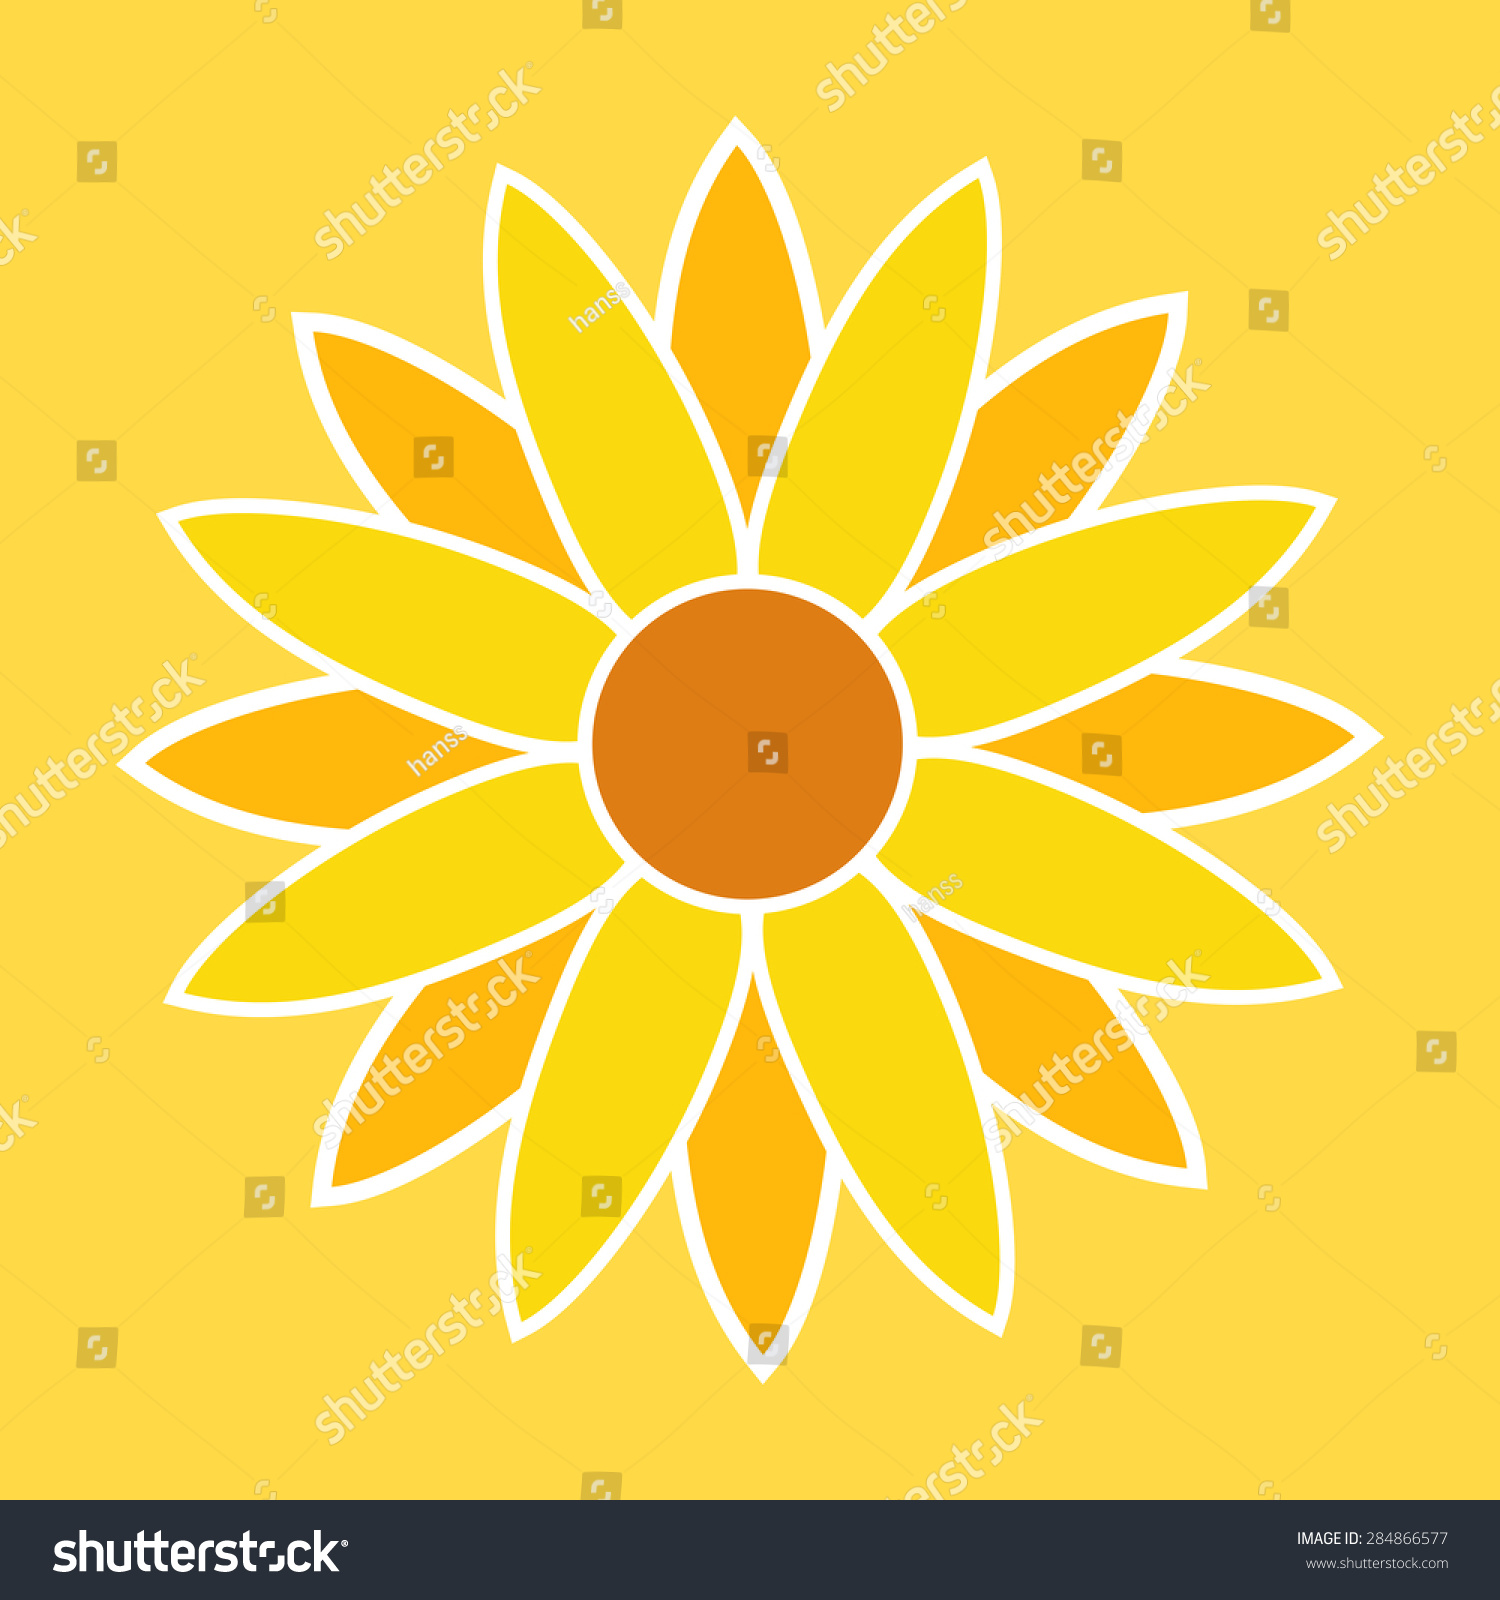 Sunflower Illustration Sunflower Symbol Sunflower Sign Stock Vector